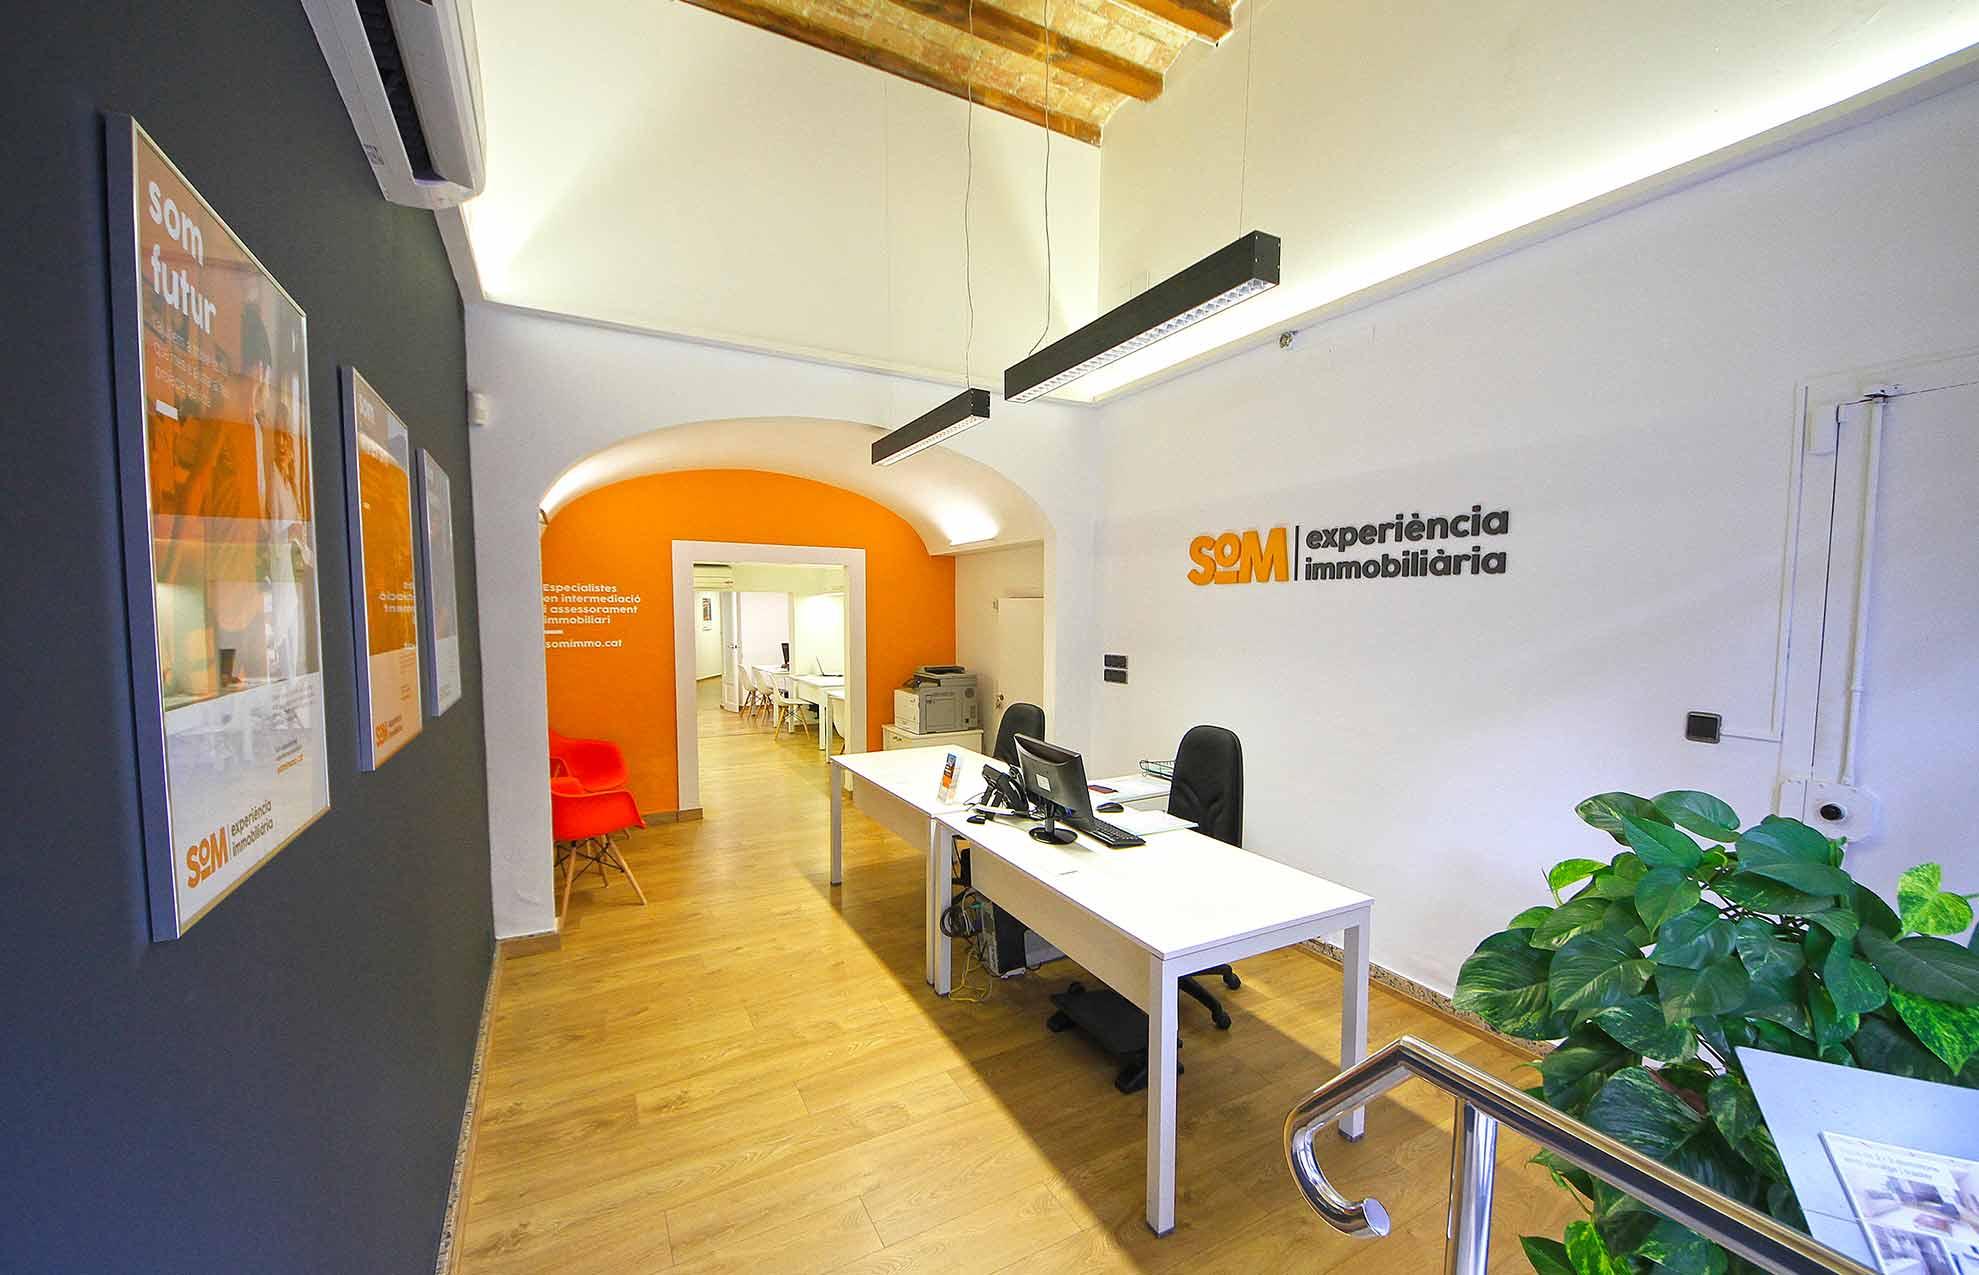 sesiones fotografia para comunicacion barcelona - Acerca tu empresa a tu público objetivo con una sesión fotográfica corporativa